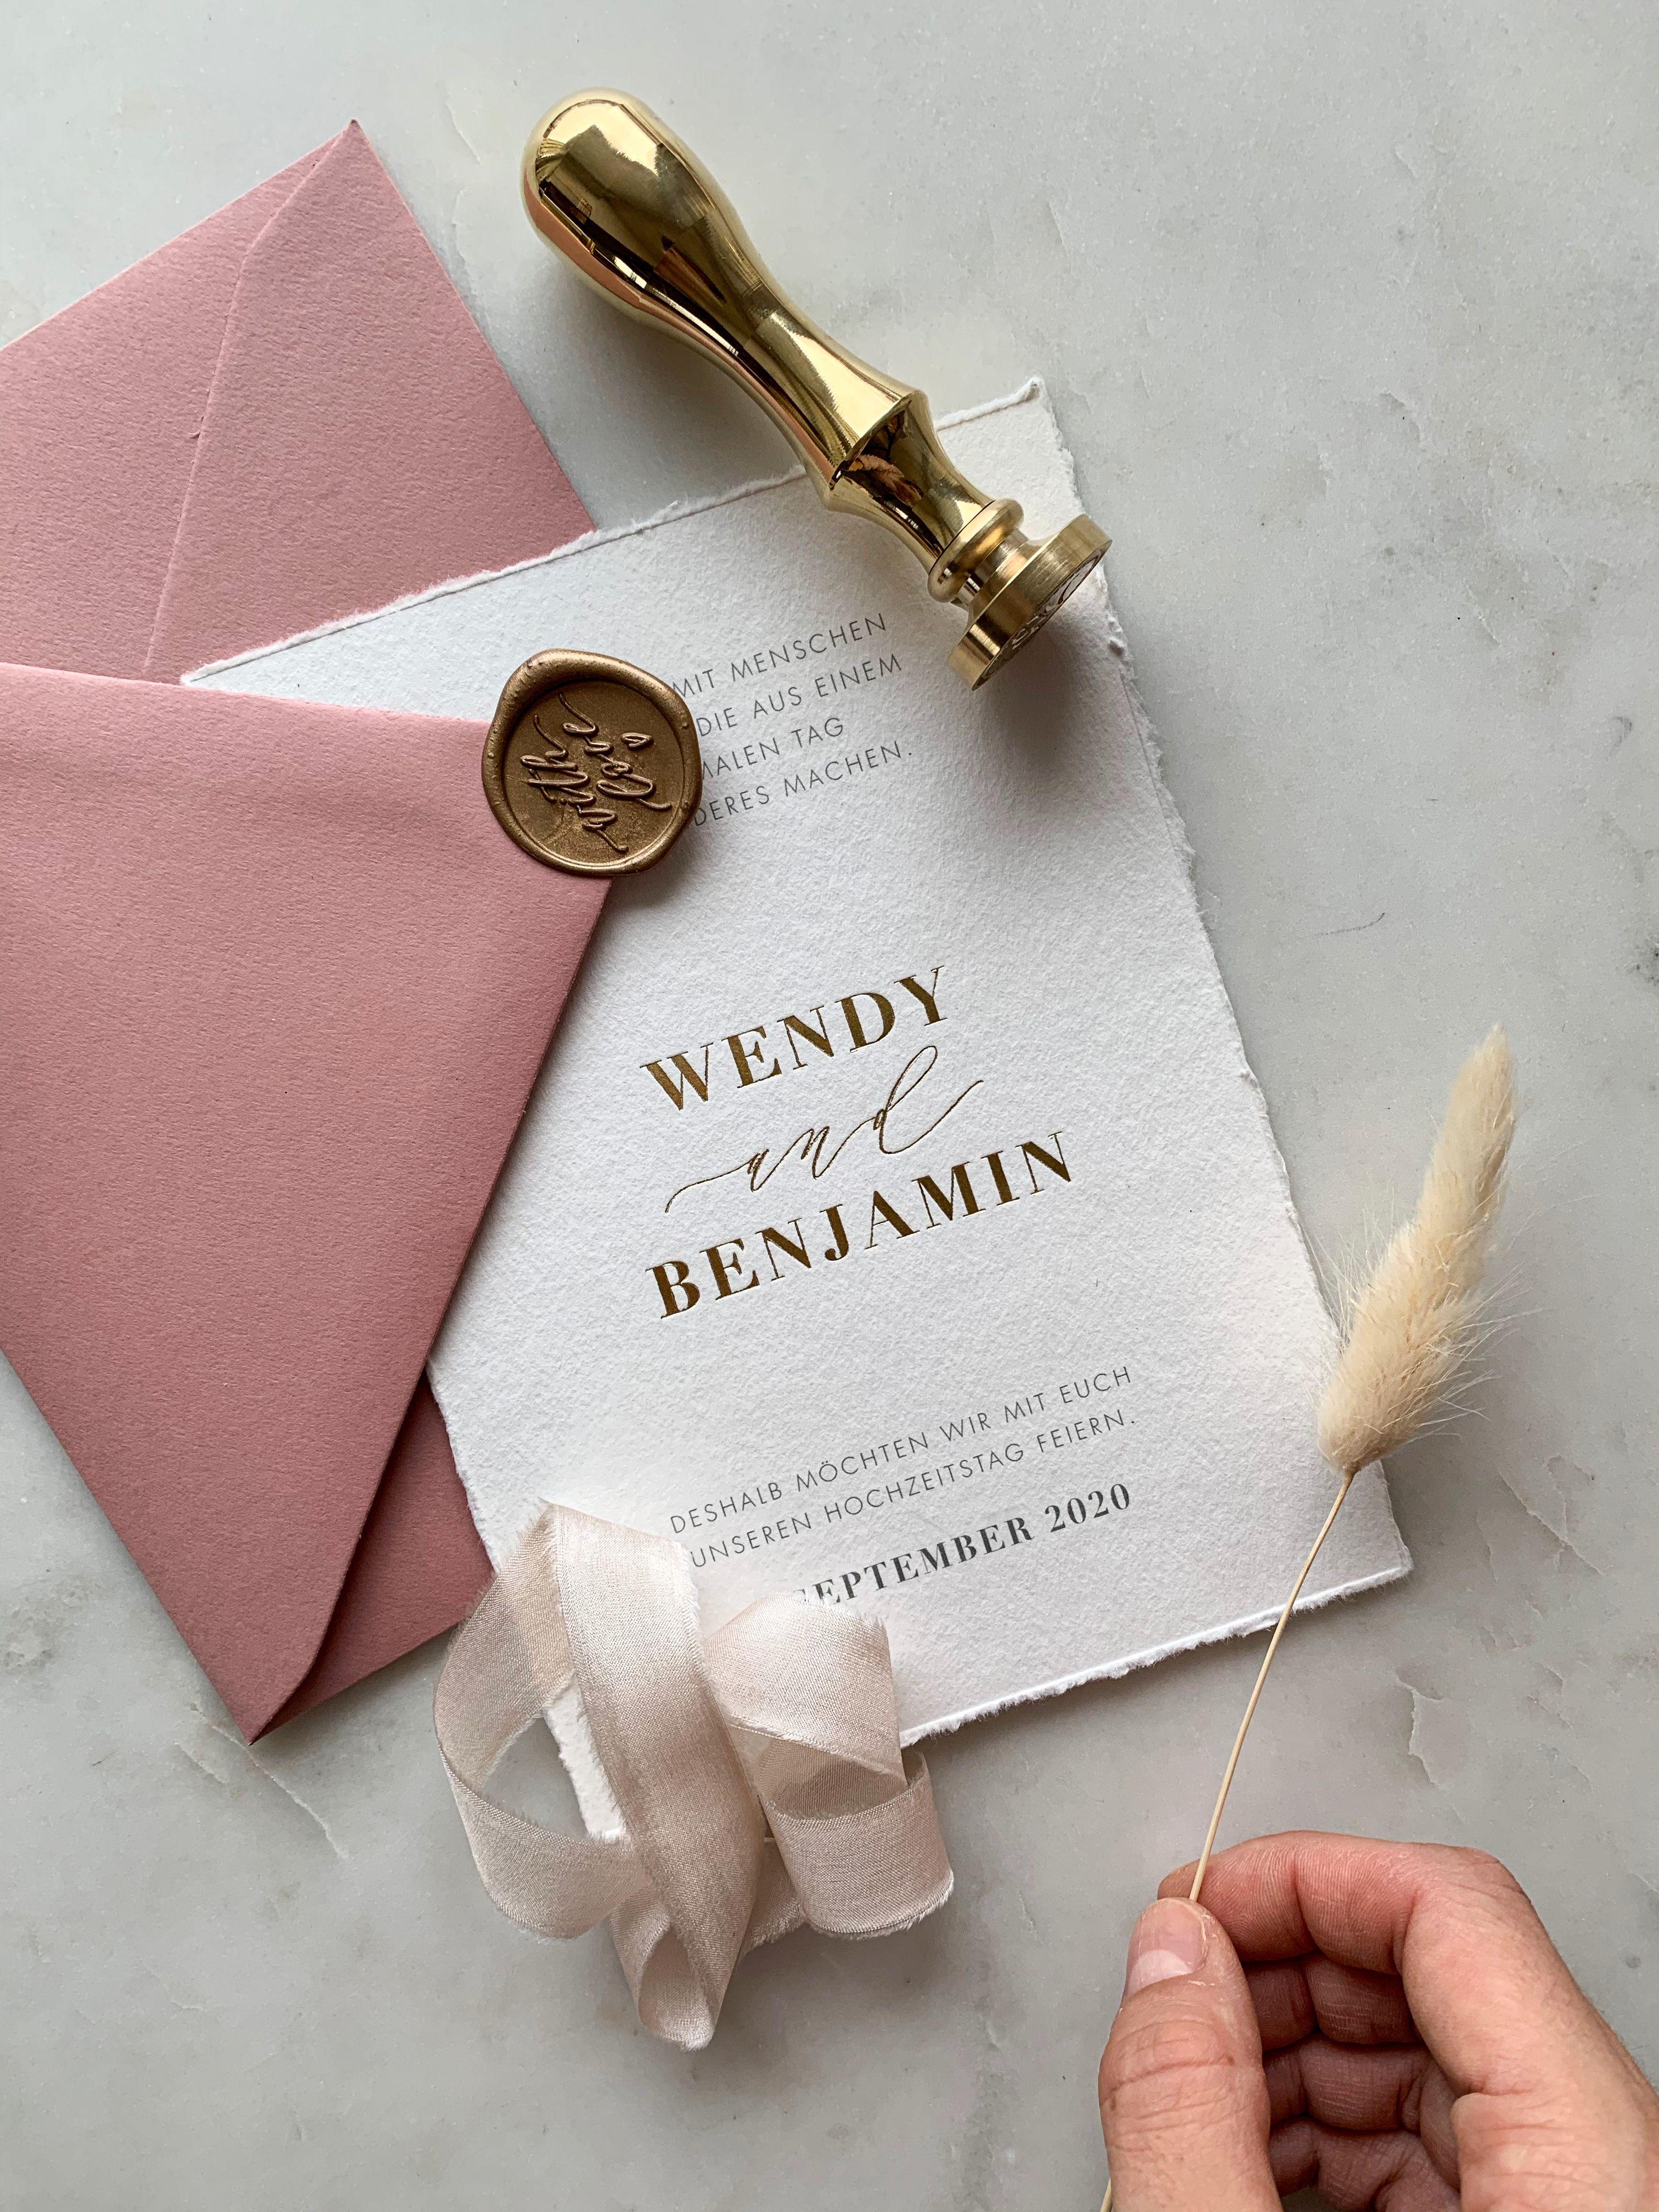 Romantische Hochzeitseinladung Mit Heissfolienpragung Gold Und Umschlag In Altrosa Weddinginvi In 2020 Romantische Hochzeitseinladungen Hochzeitseinladung Hochzeitstag